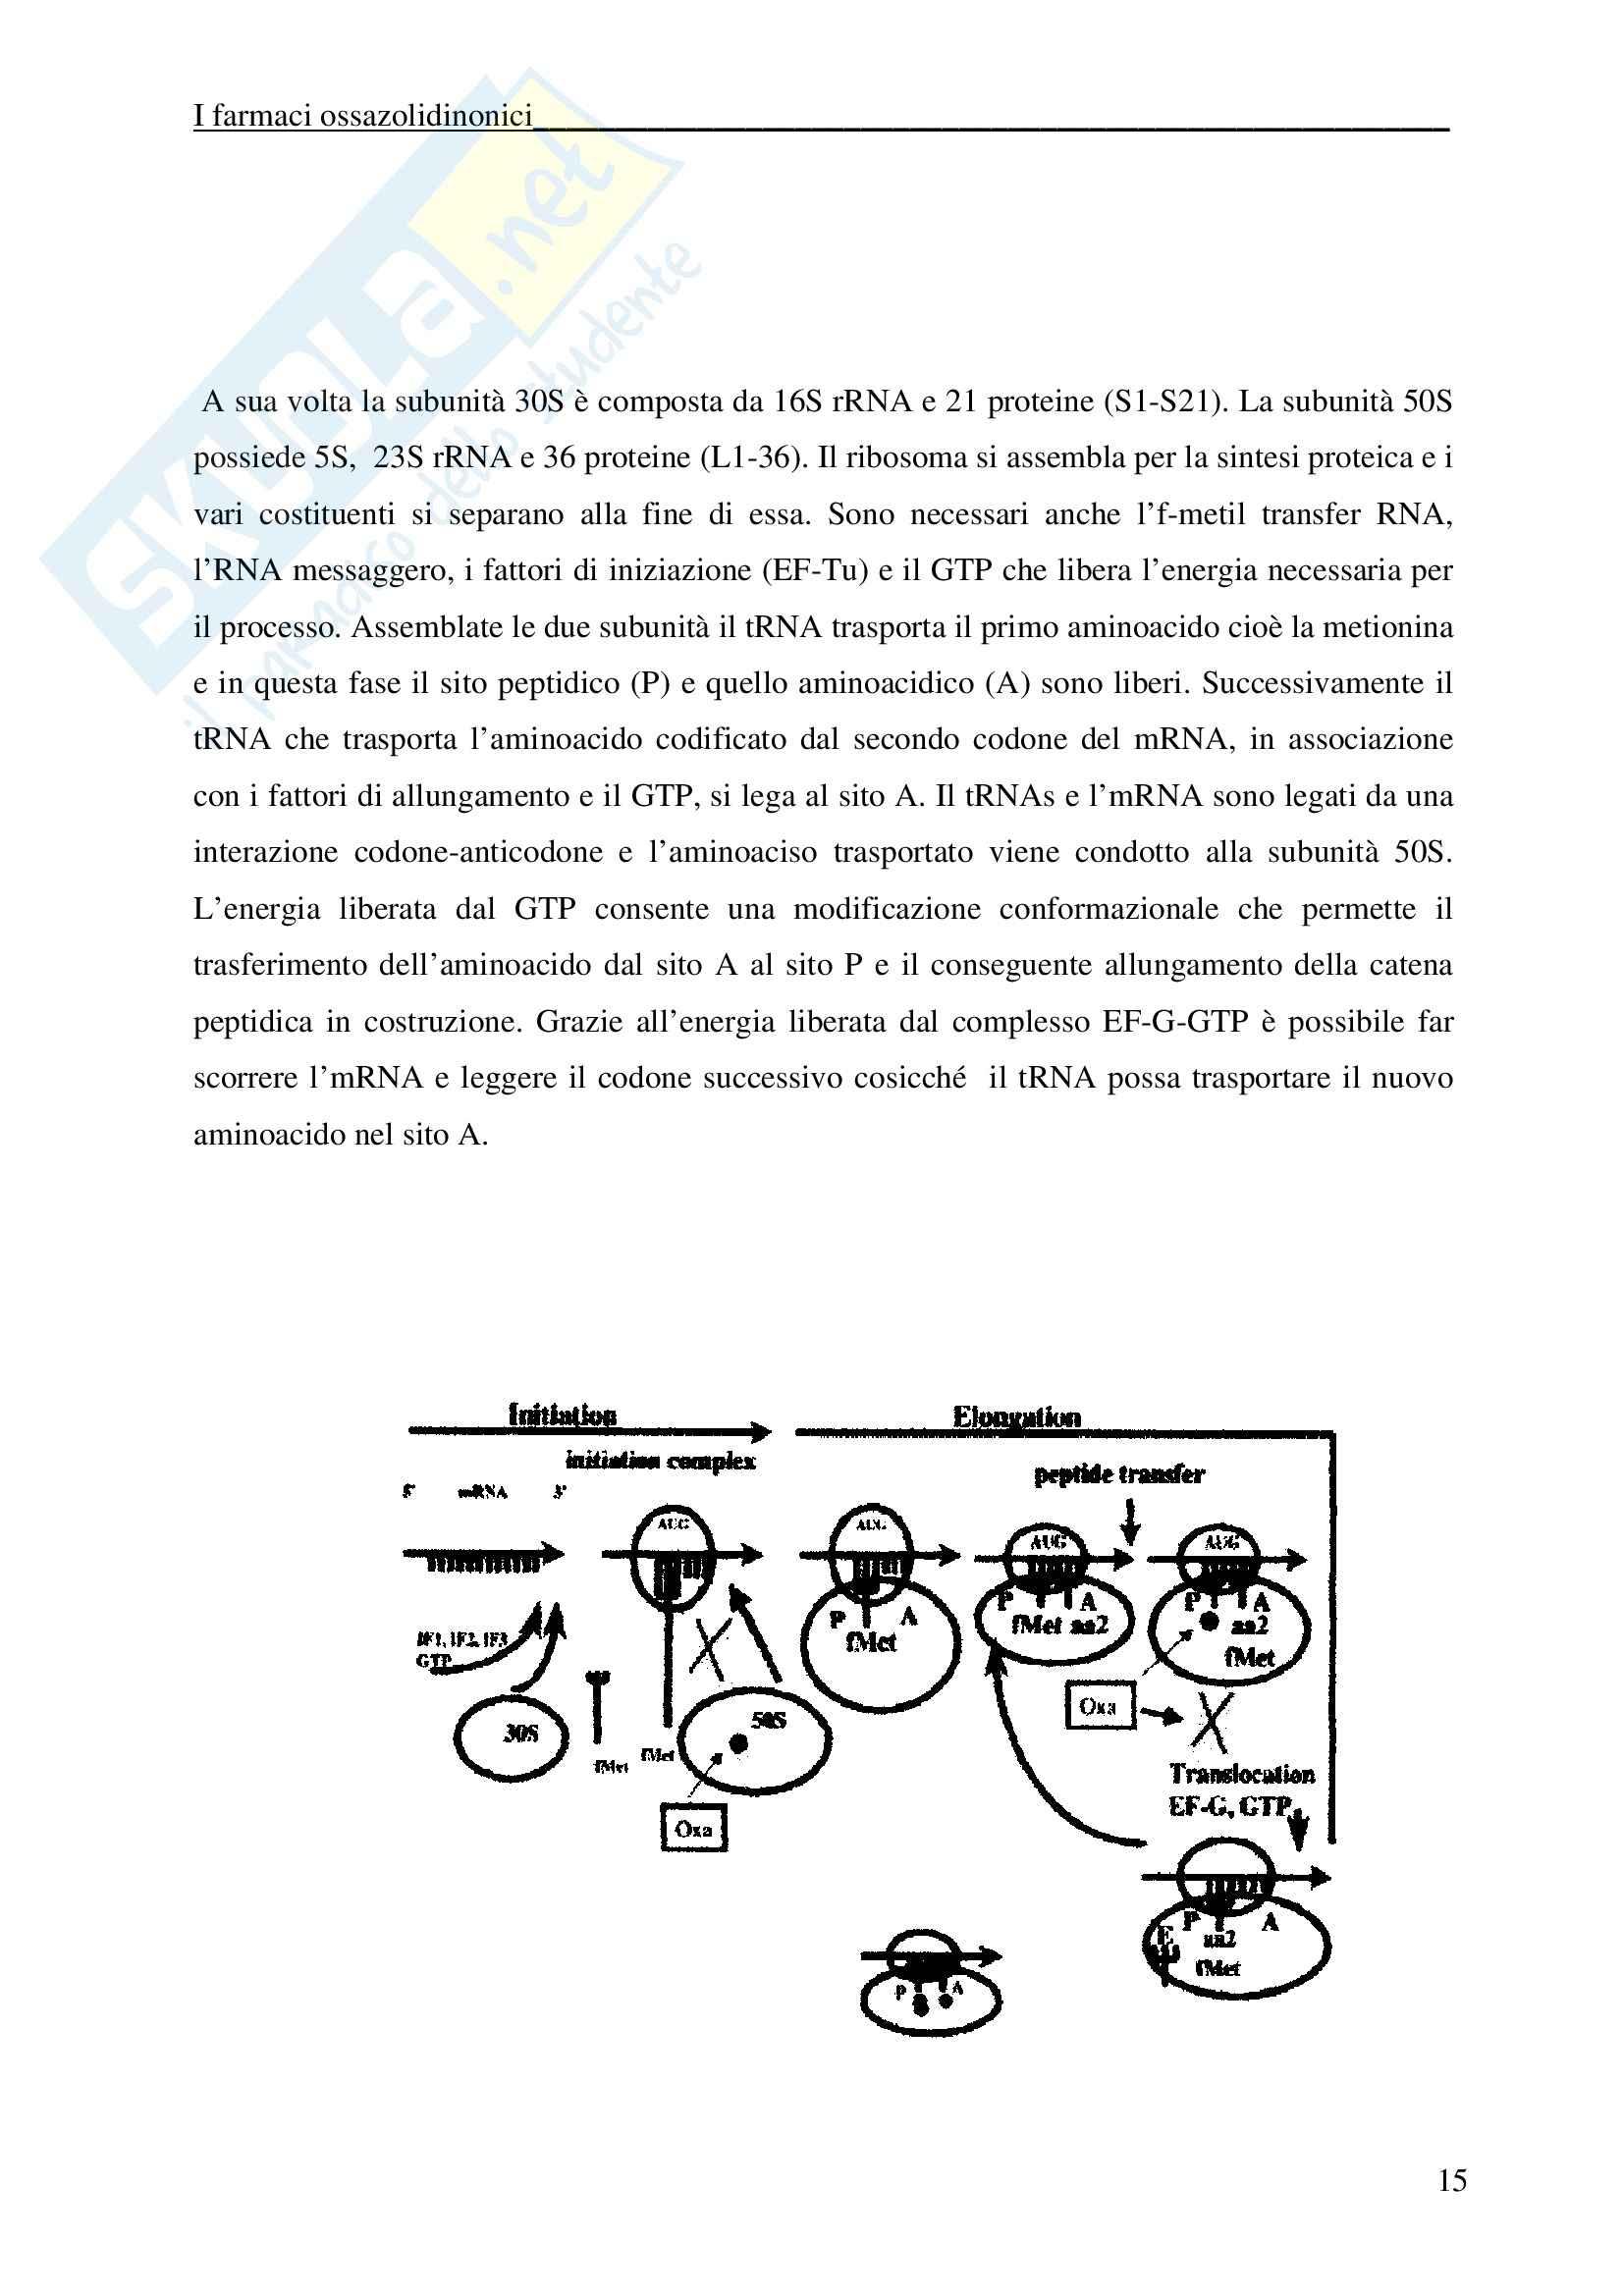 Chimica farmaceutica - ossazolidinonici Pag. 16